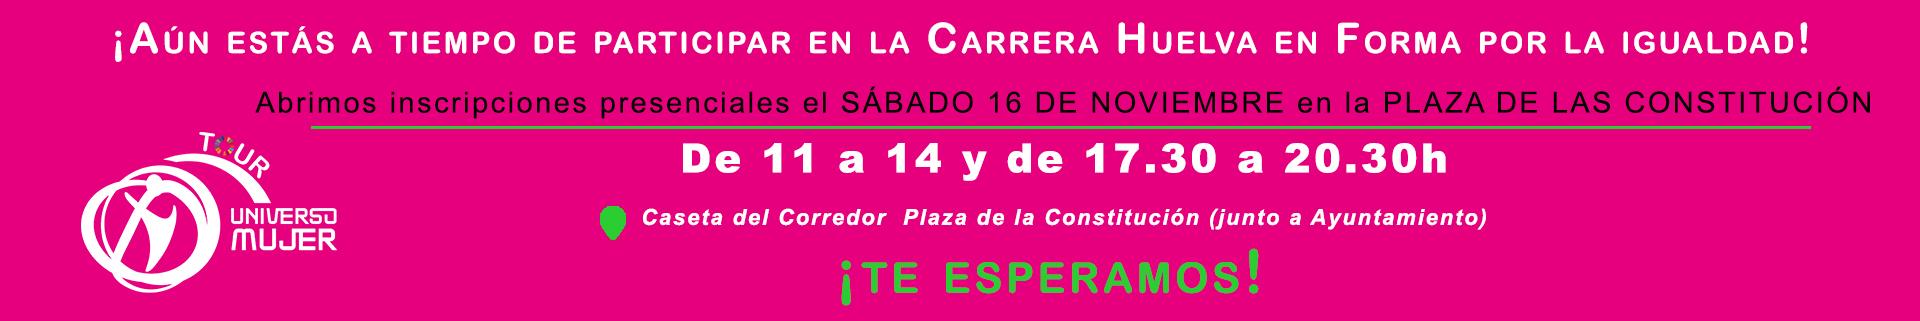 ¡Aún estás a tiempo de participar en la Carrera Huelva en Forma por la Igualdad!